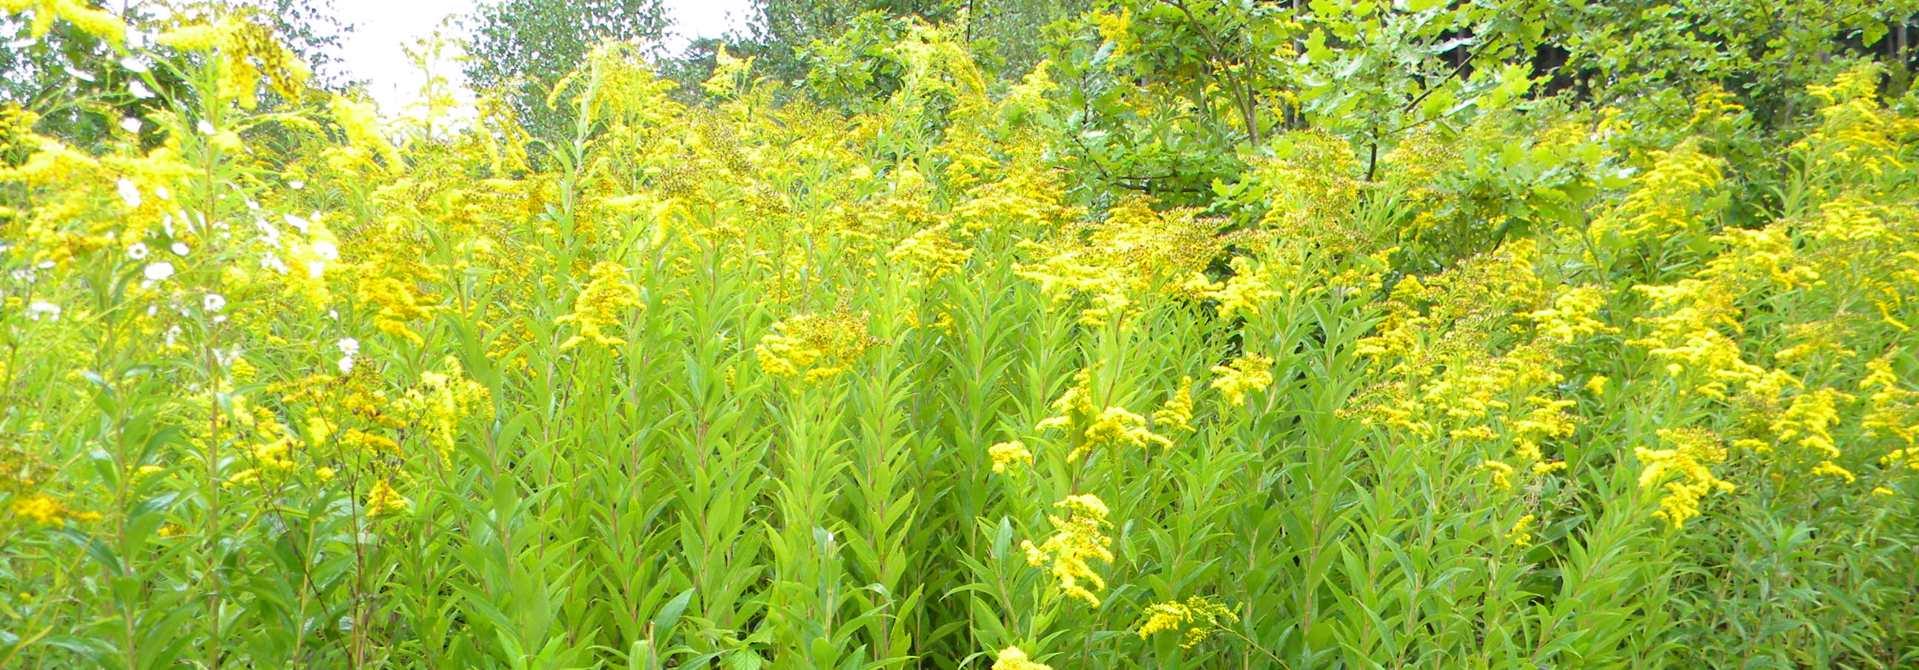 Goldrutenbestu00e4nde ku00f6nnen ganze Flu00e4chen u00fcberwuchern. So dezimieren sie die einheimische Flora und reduzieren so die Biodiversitu00e4t.>